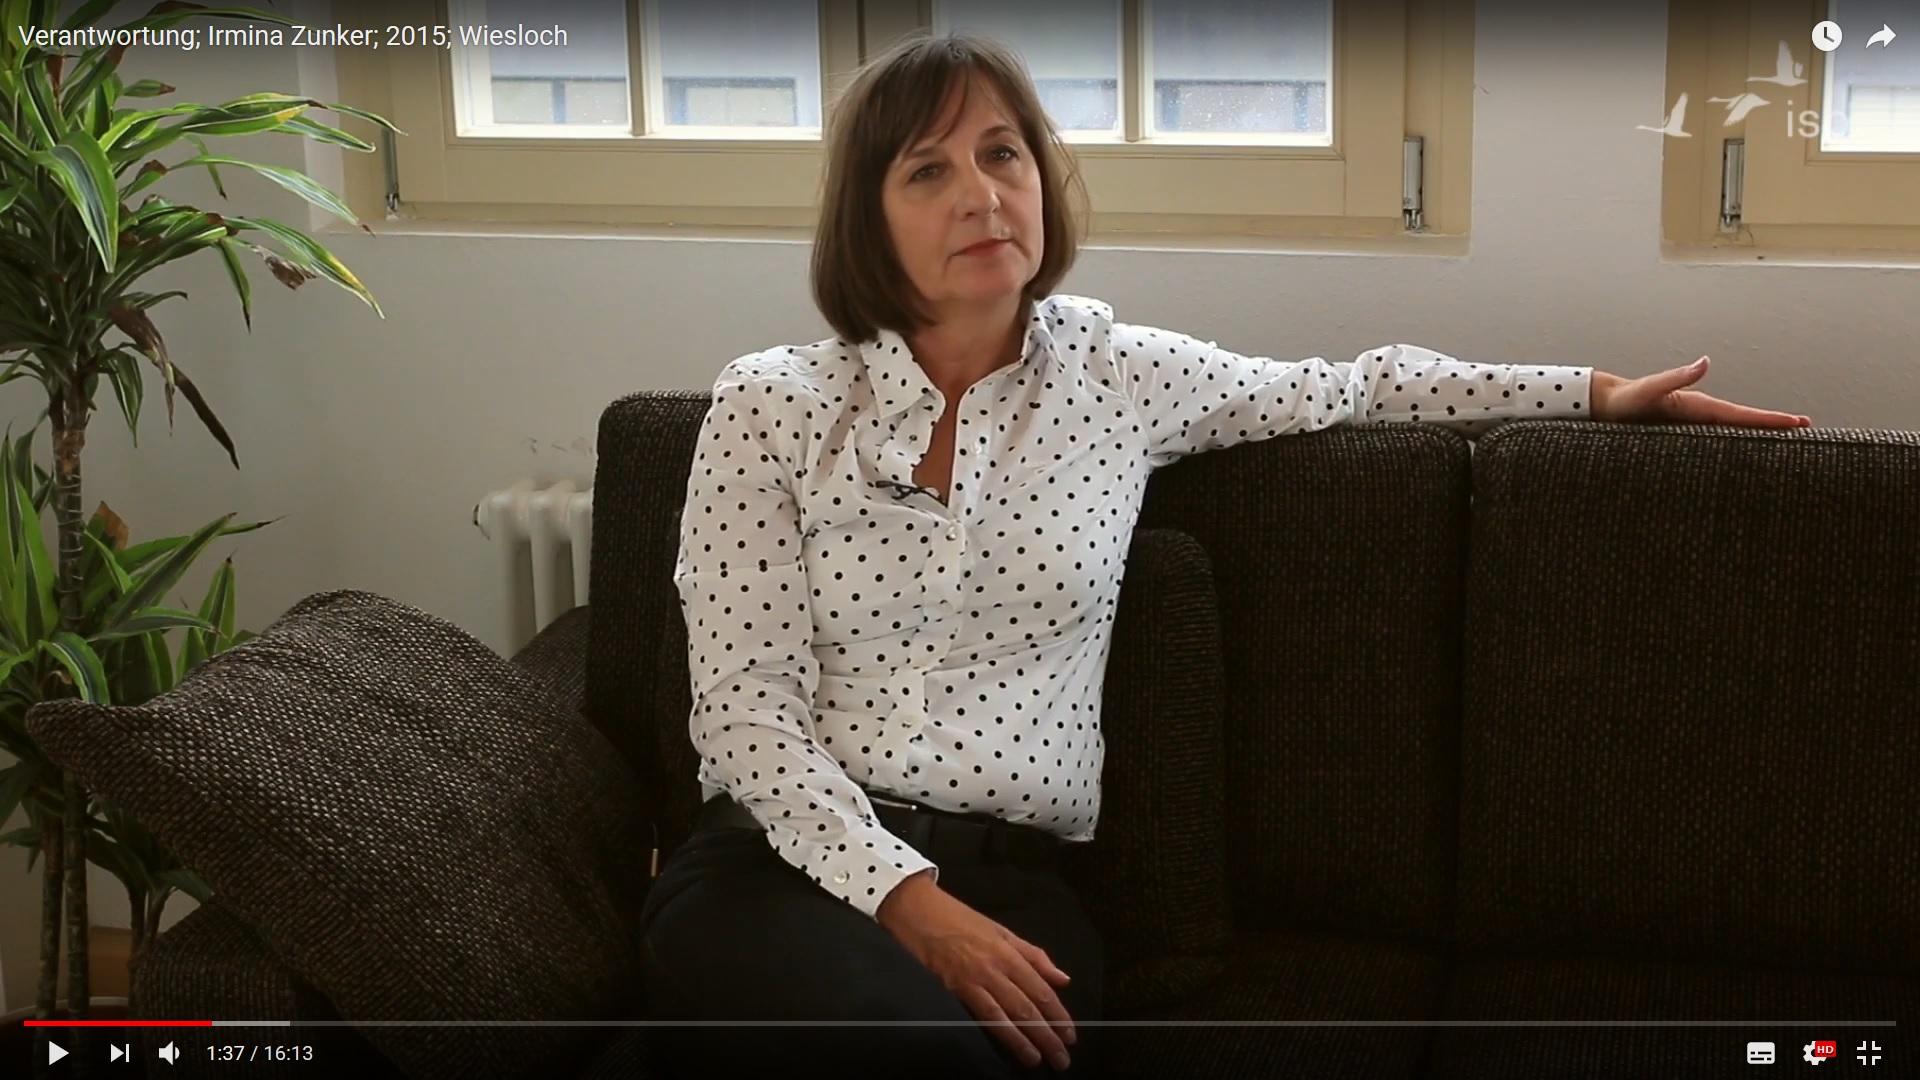 Irmina Zunker über Verantwortung